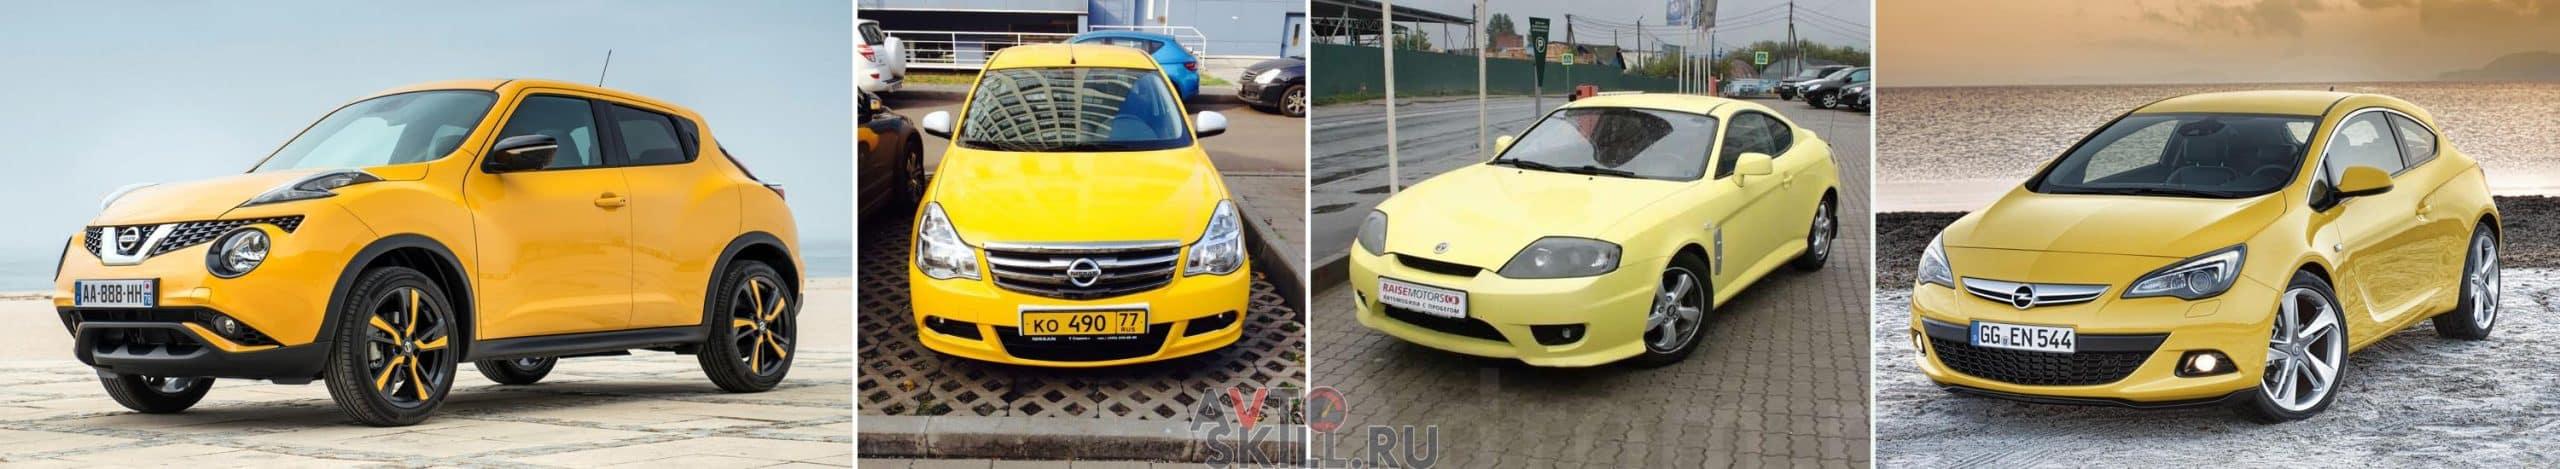 Какой цвет автомобиля выбрать | Желтый и коричневый цвета